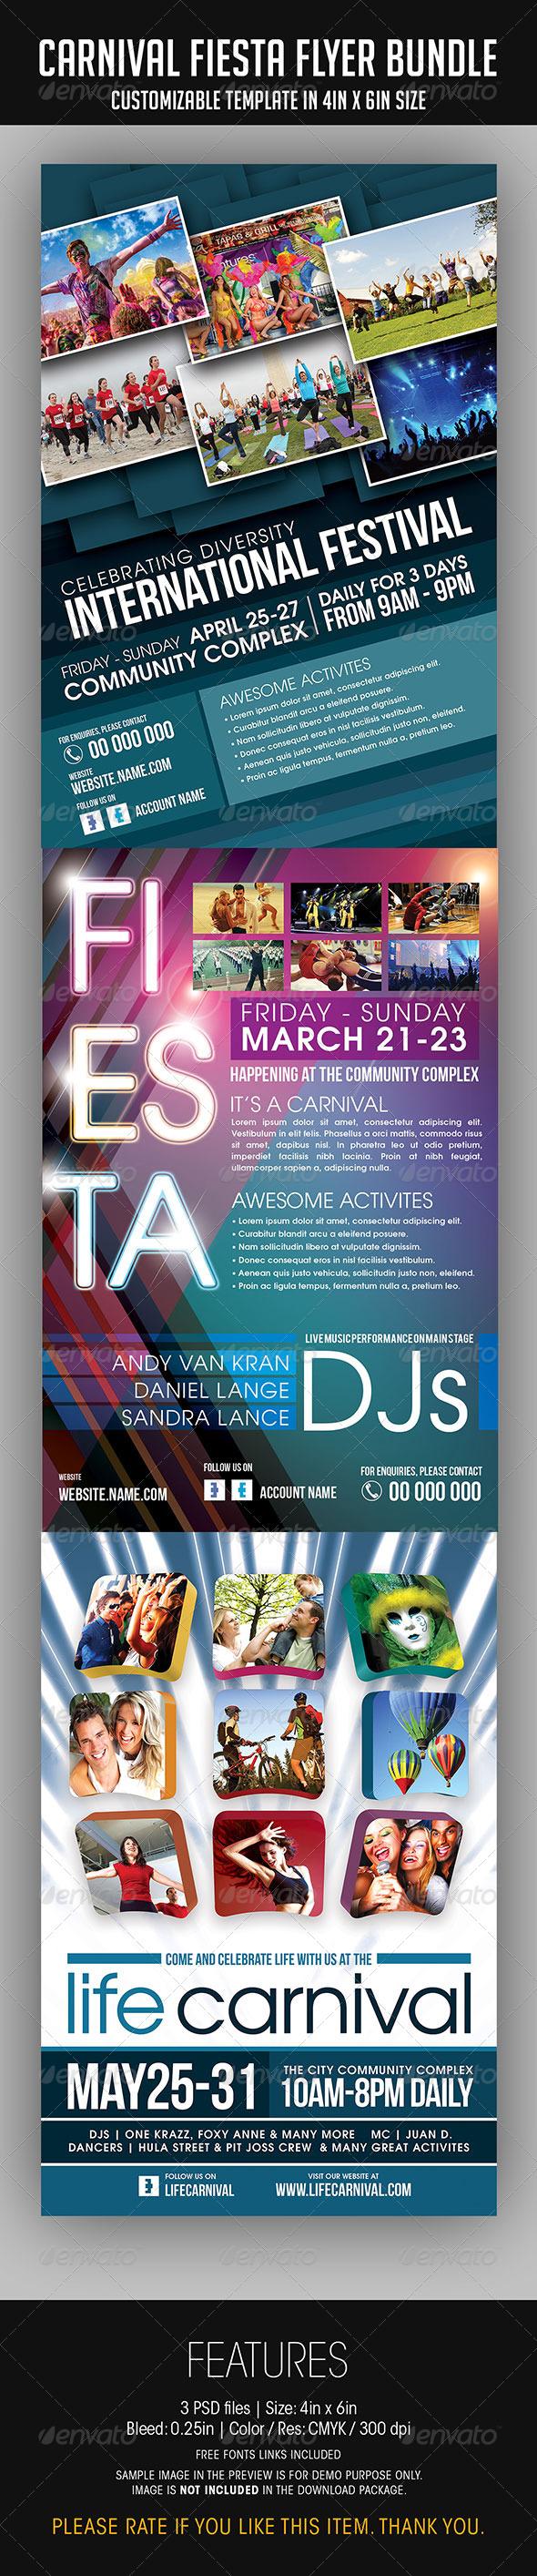 Carnival Fiesta Flyer Bundle